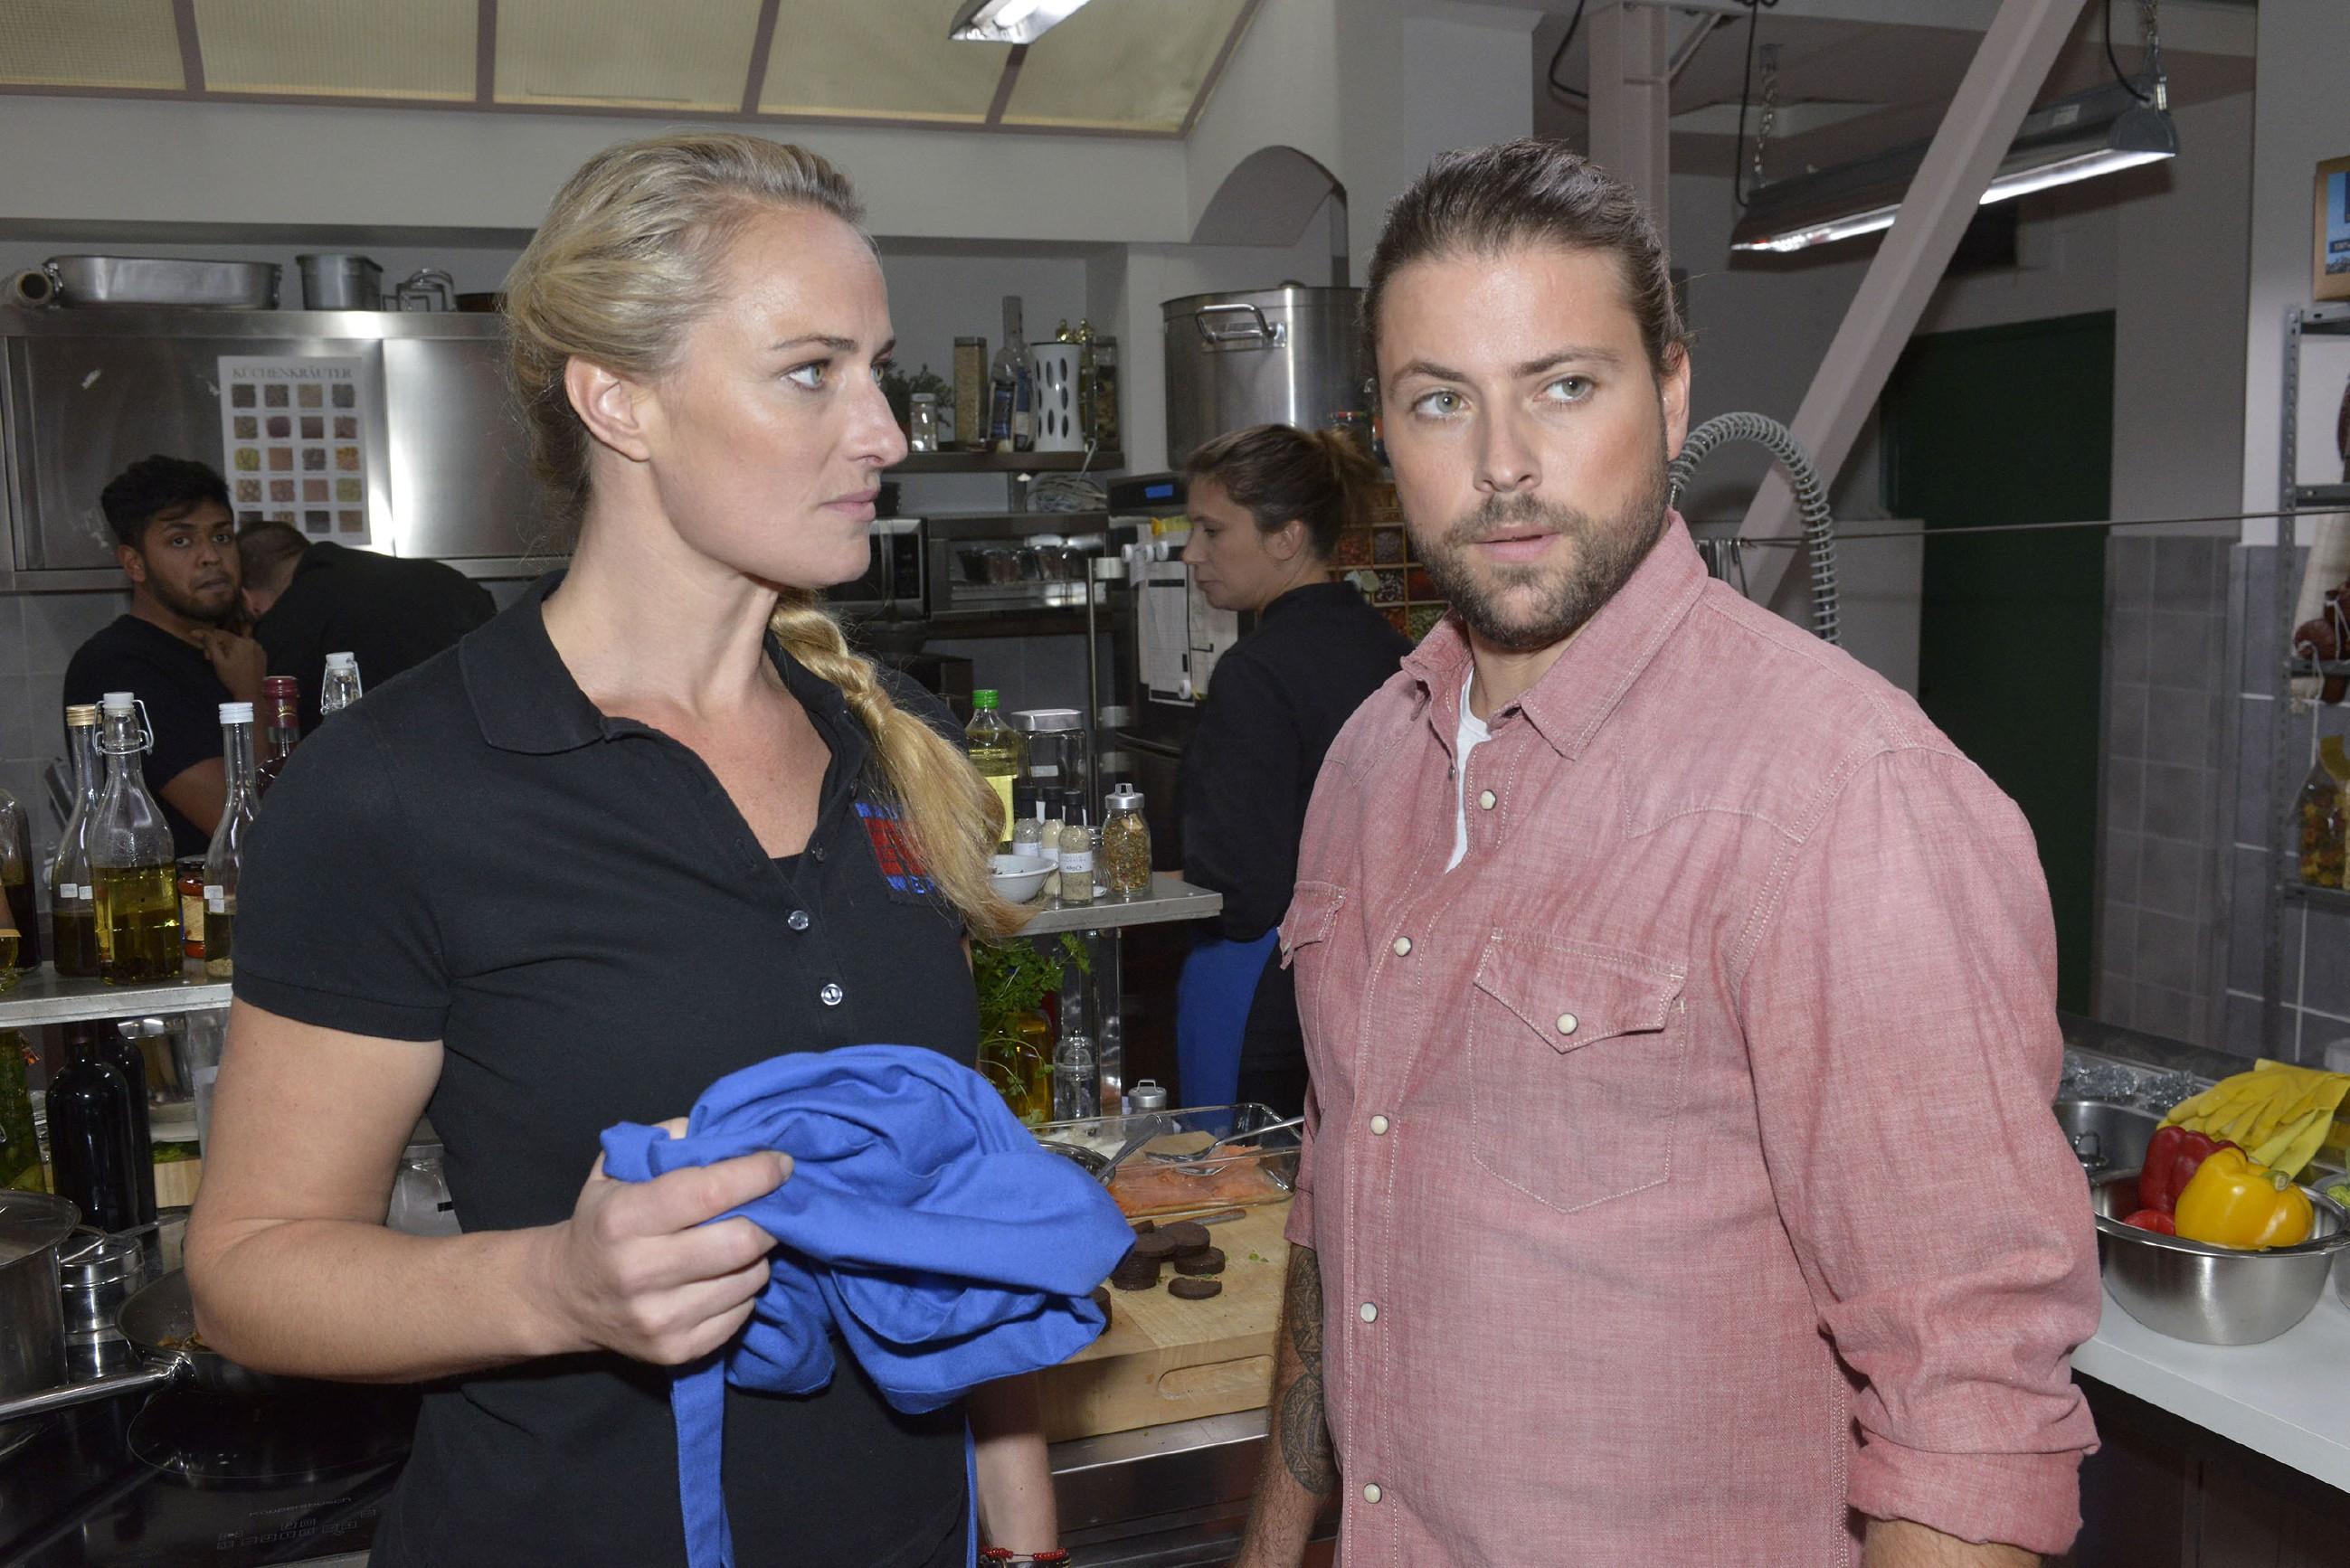 Als John (Felix von Jascheroff) ein gravierender Fehler im Club passiert, kann sich Maren (Eva Mona Rodekirchen) eine Spitze nicht verkneifen und kassiert dafür eine harsche Ansage ihres Chefs... (RTL / Rolf Baumgartner)